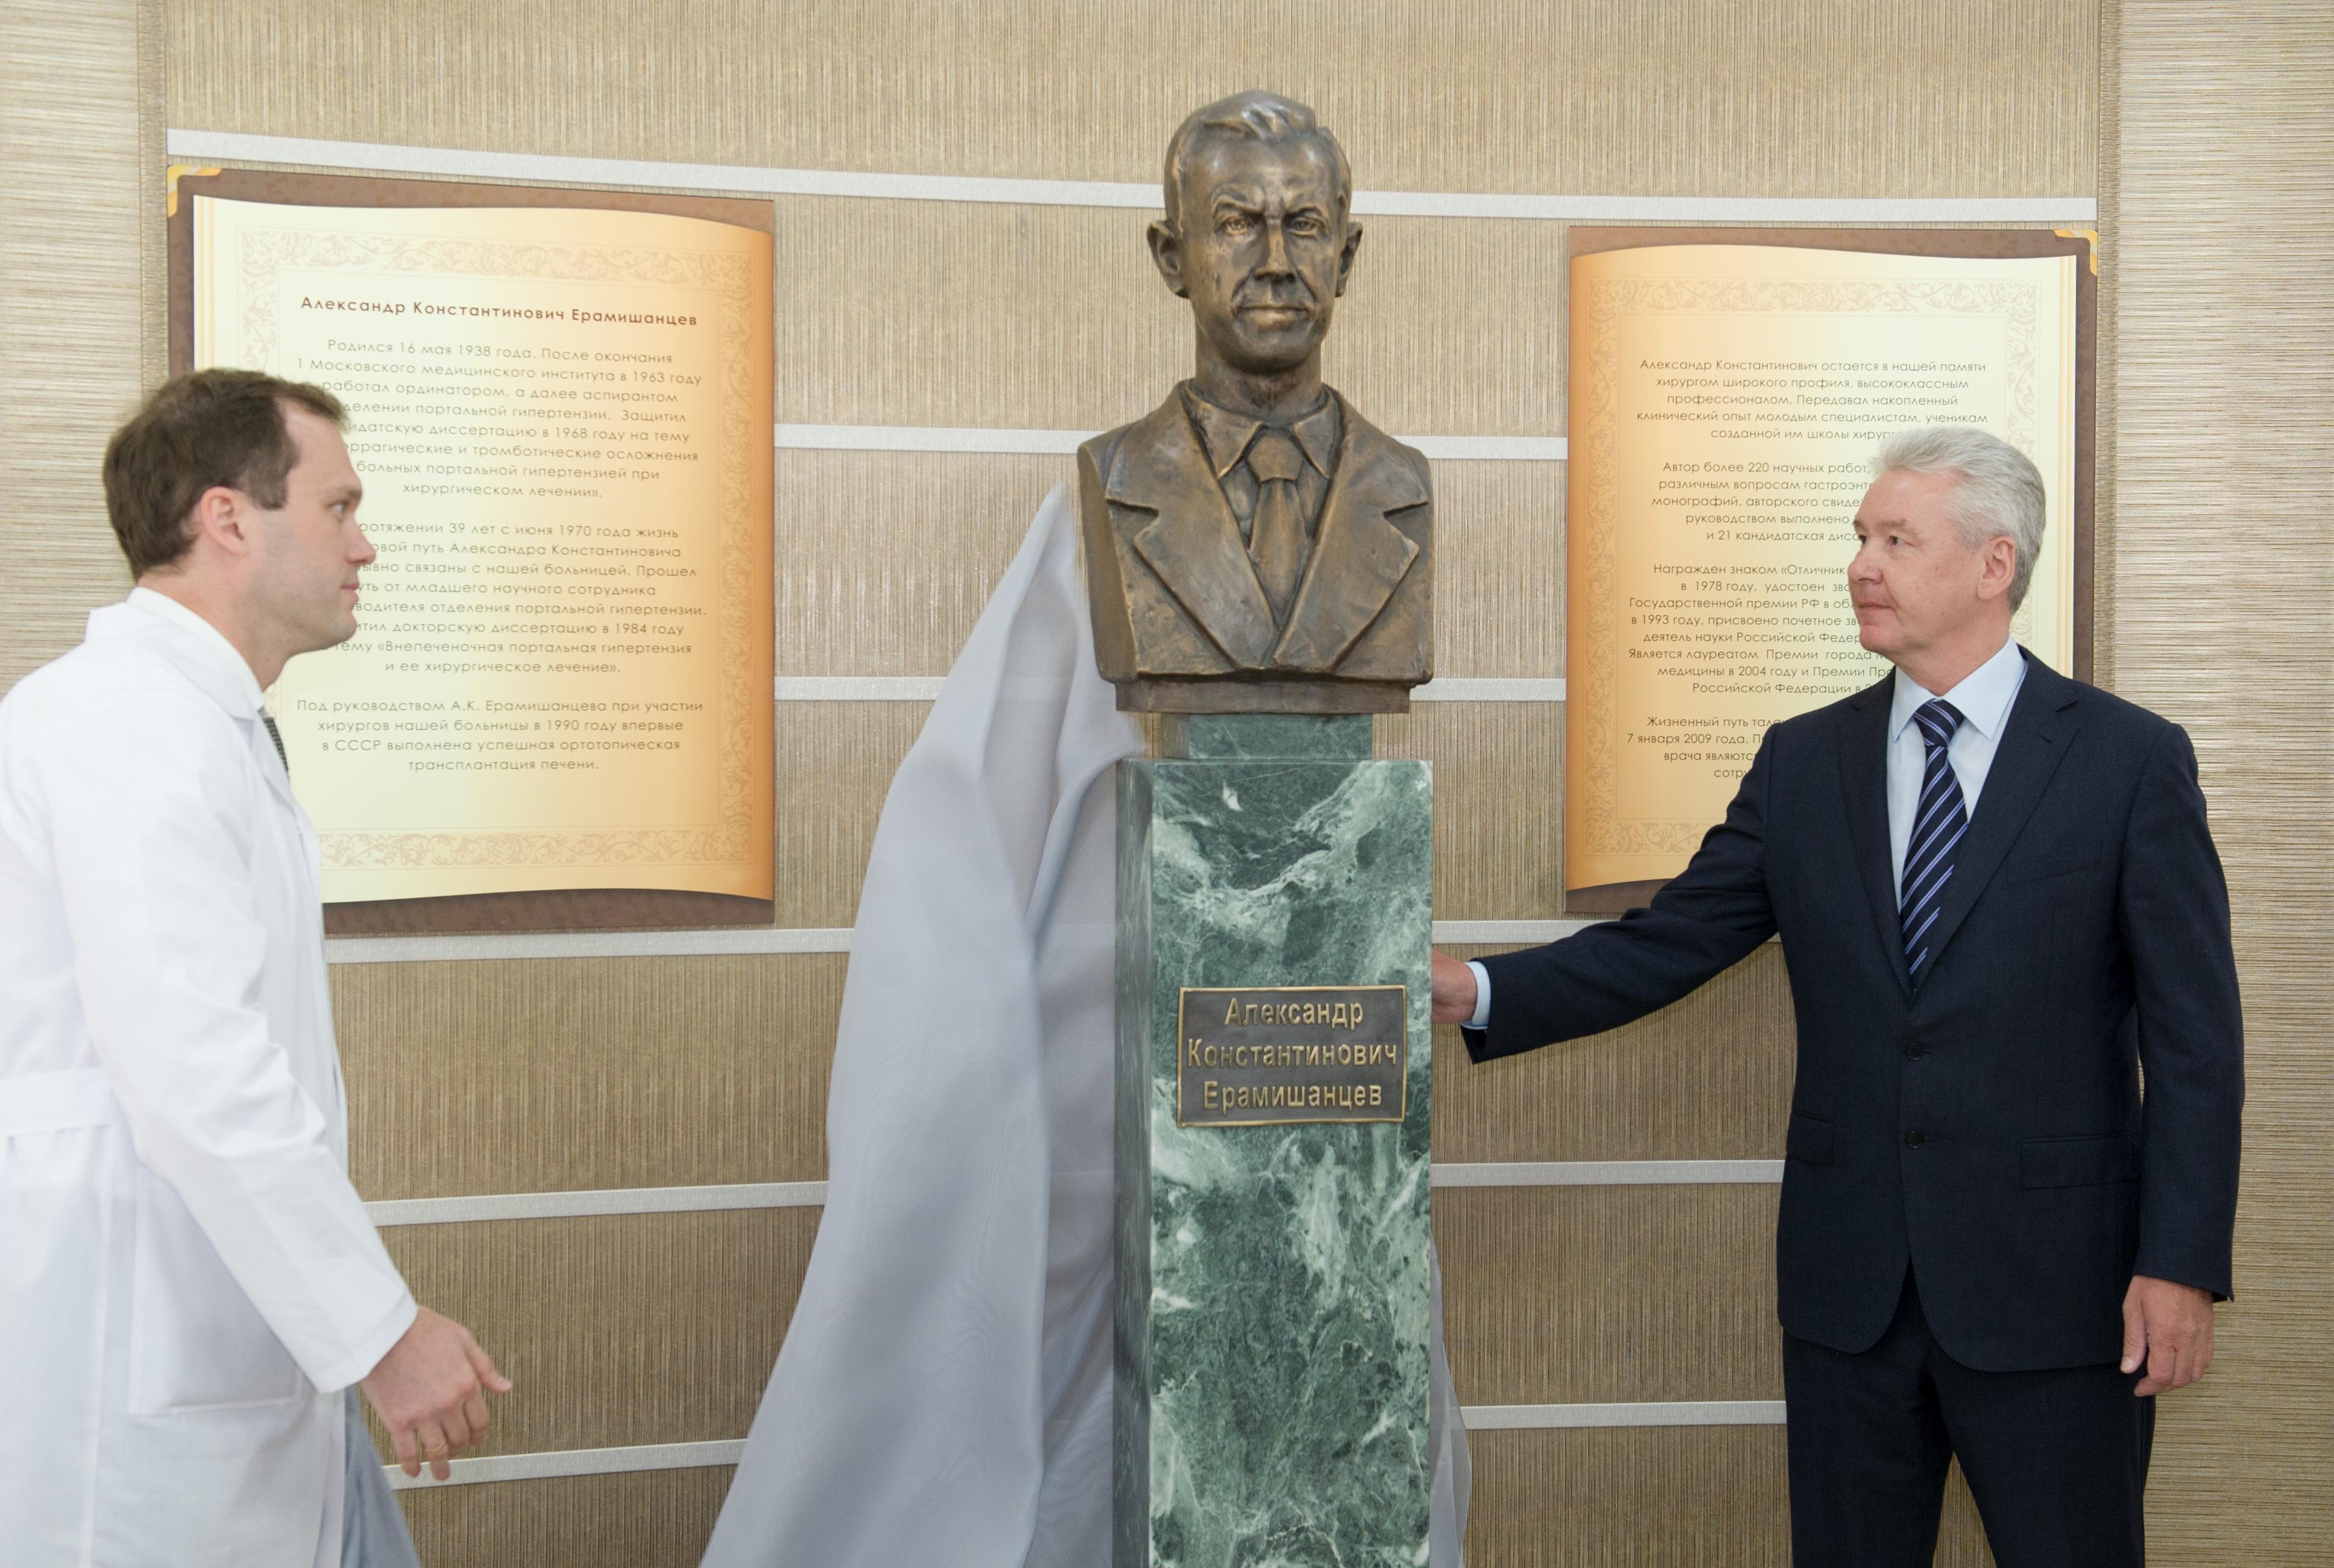 Сергей Собянин во время посещения городской клинической больницы имени А.К. Ерамишанцева